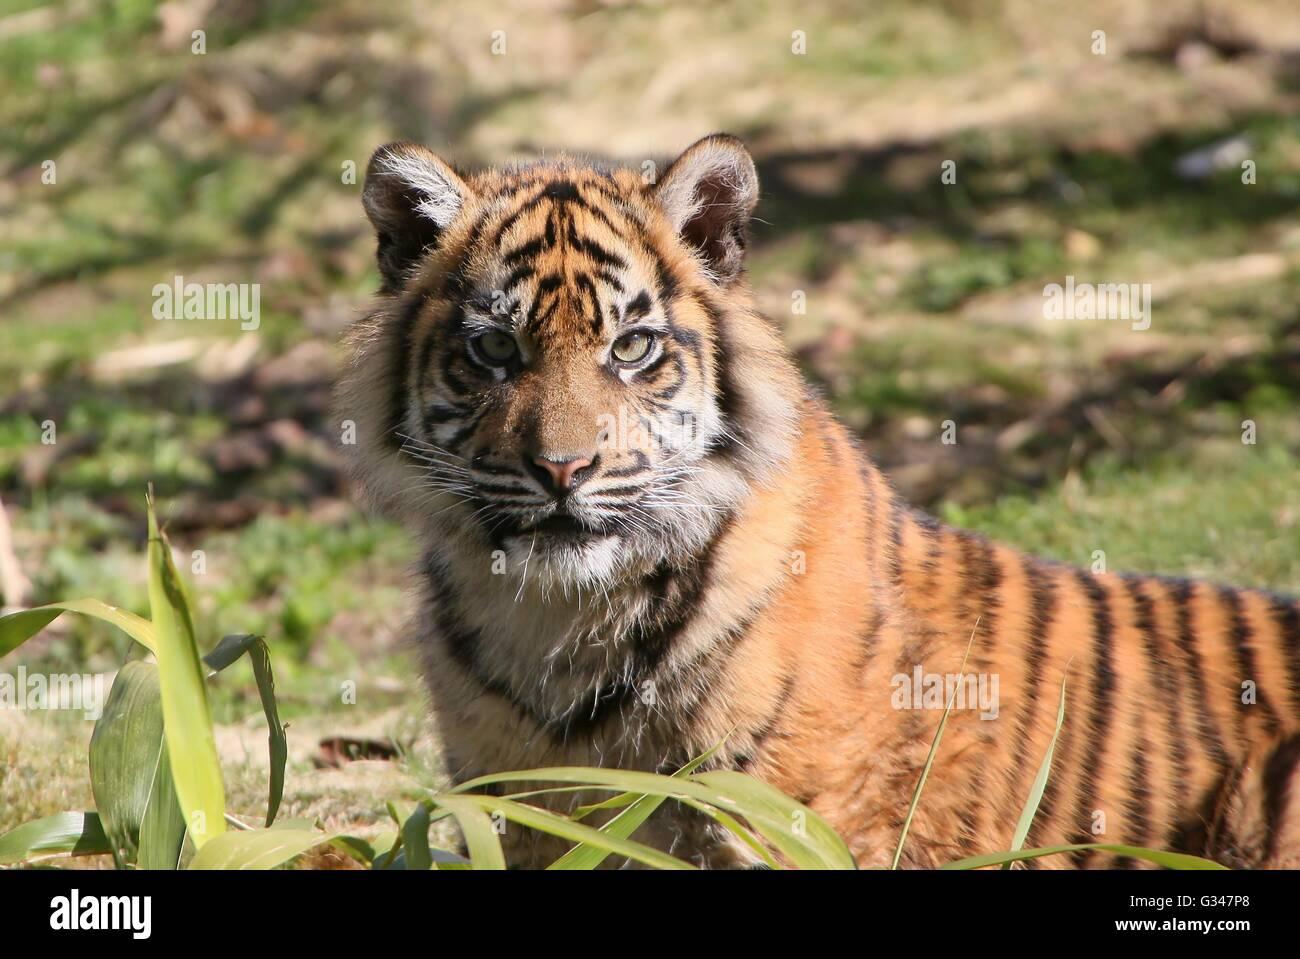 Angry female Sumatran tiger whelp  (Panthera tigris sumatrae) staring menacingly - Stock Image